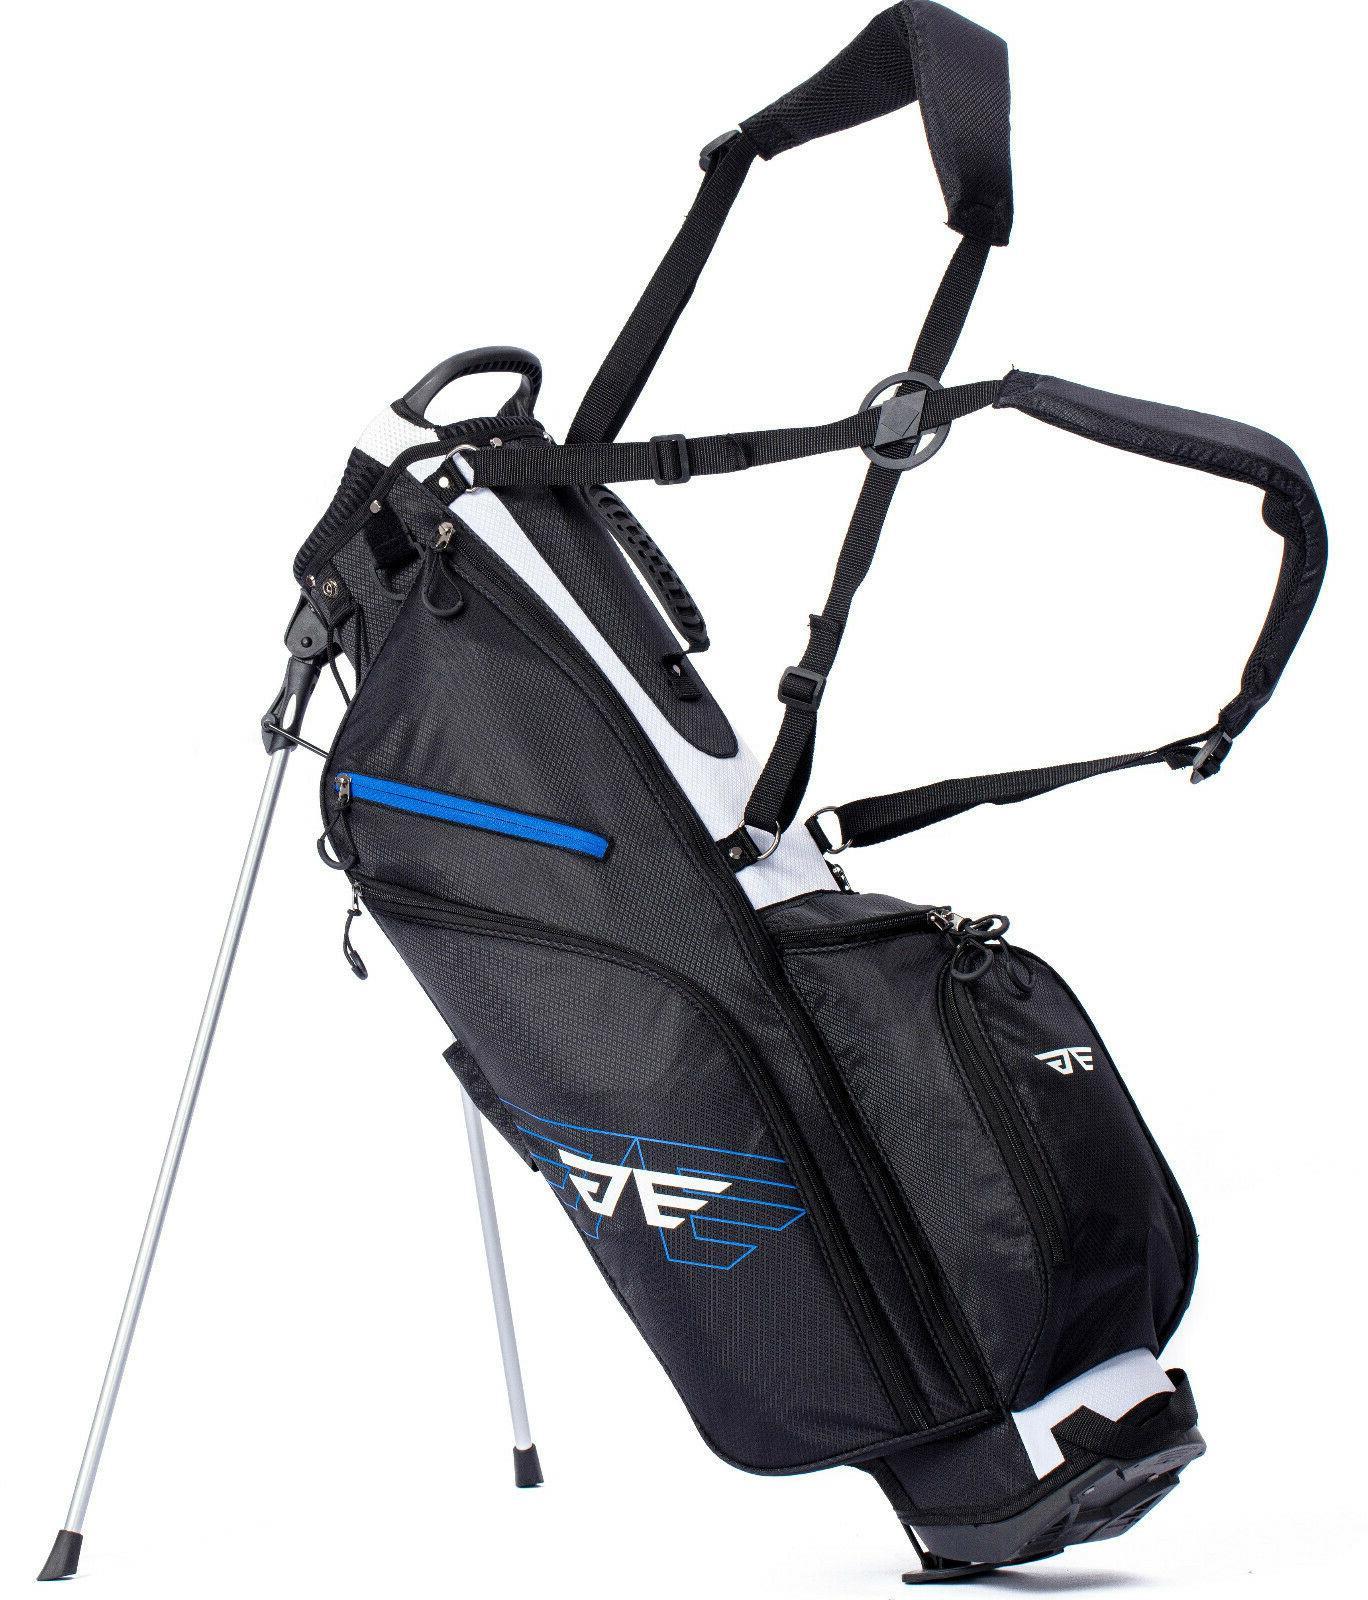 super light 4 lbs golf stand bag